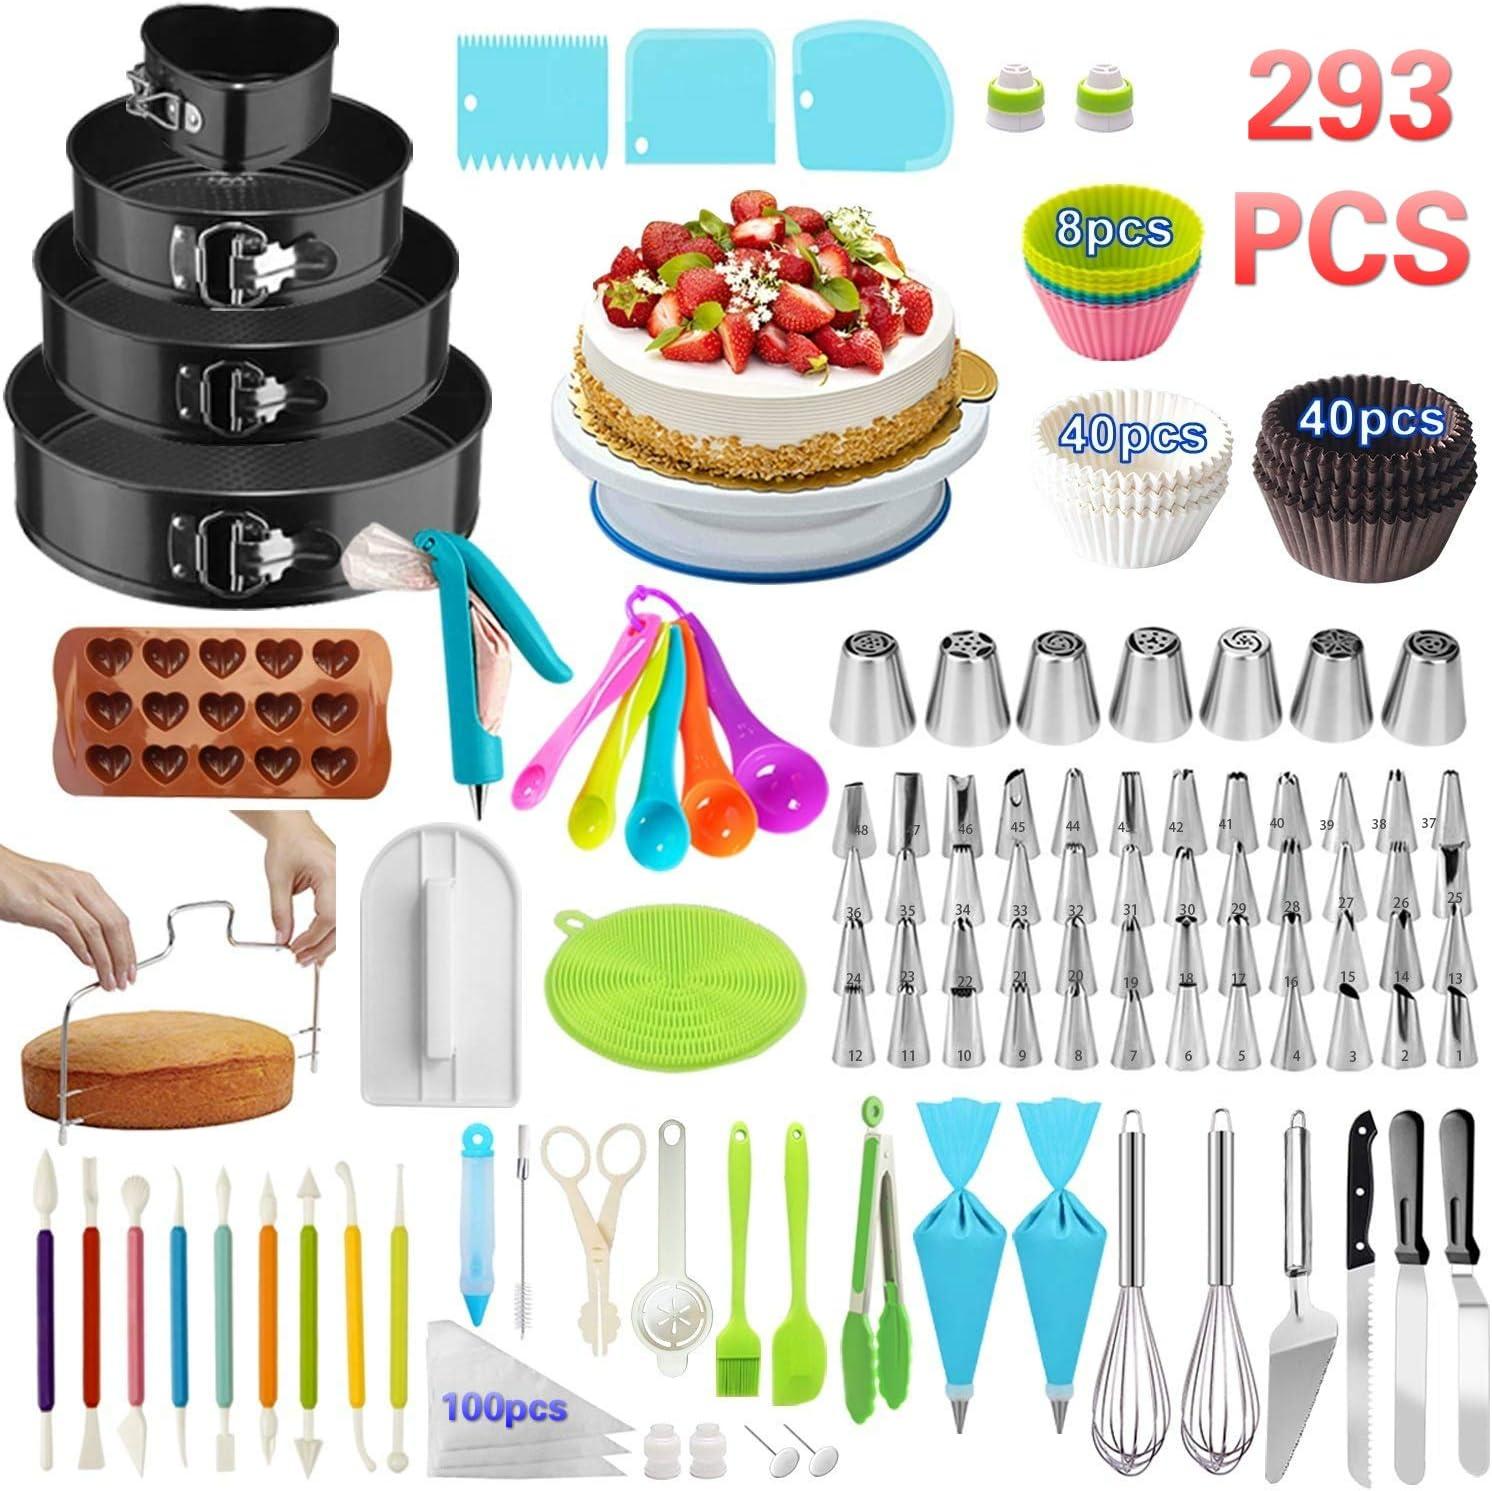 Cake Decorating Supplies,293 PCS Cake Decorating Kit